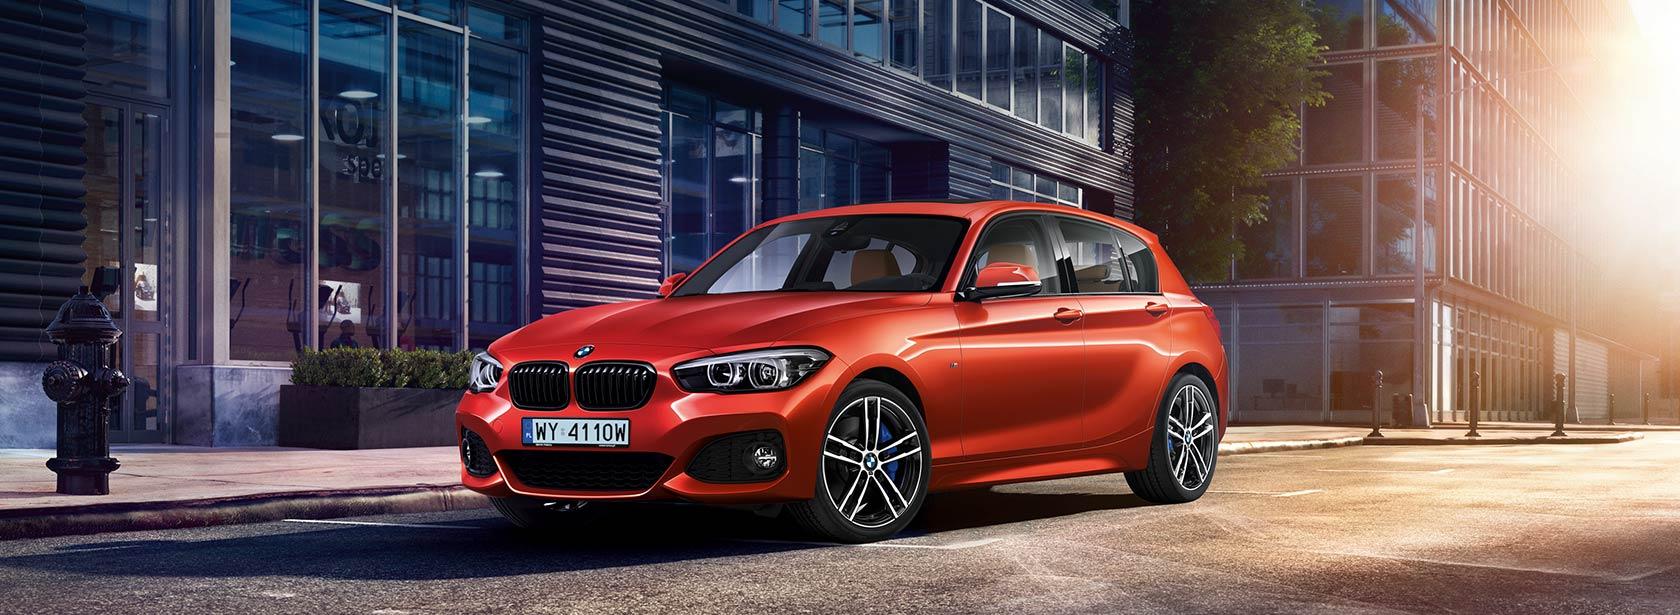 Groovy Dealer BMW - Serwis BMW | Dealer BMW Dynamic Motors Bydgoszcz SJ92